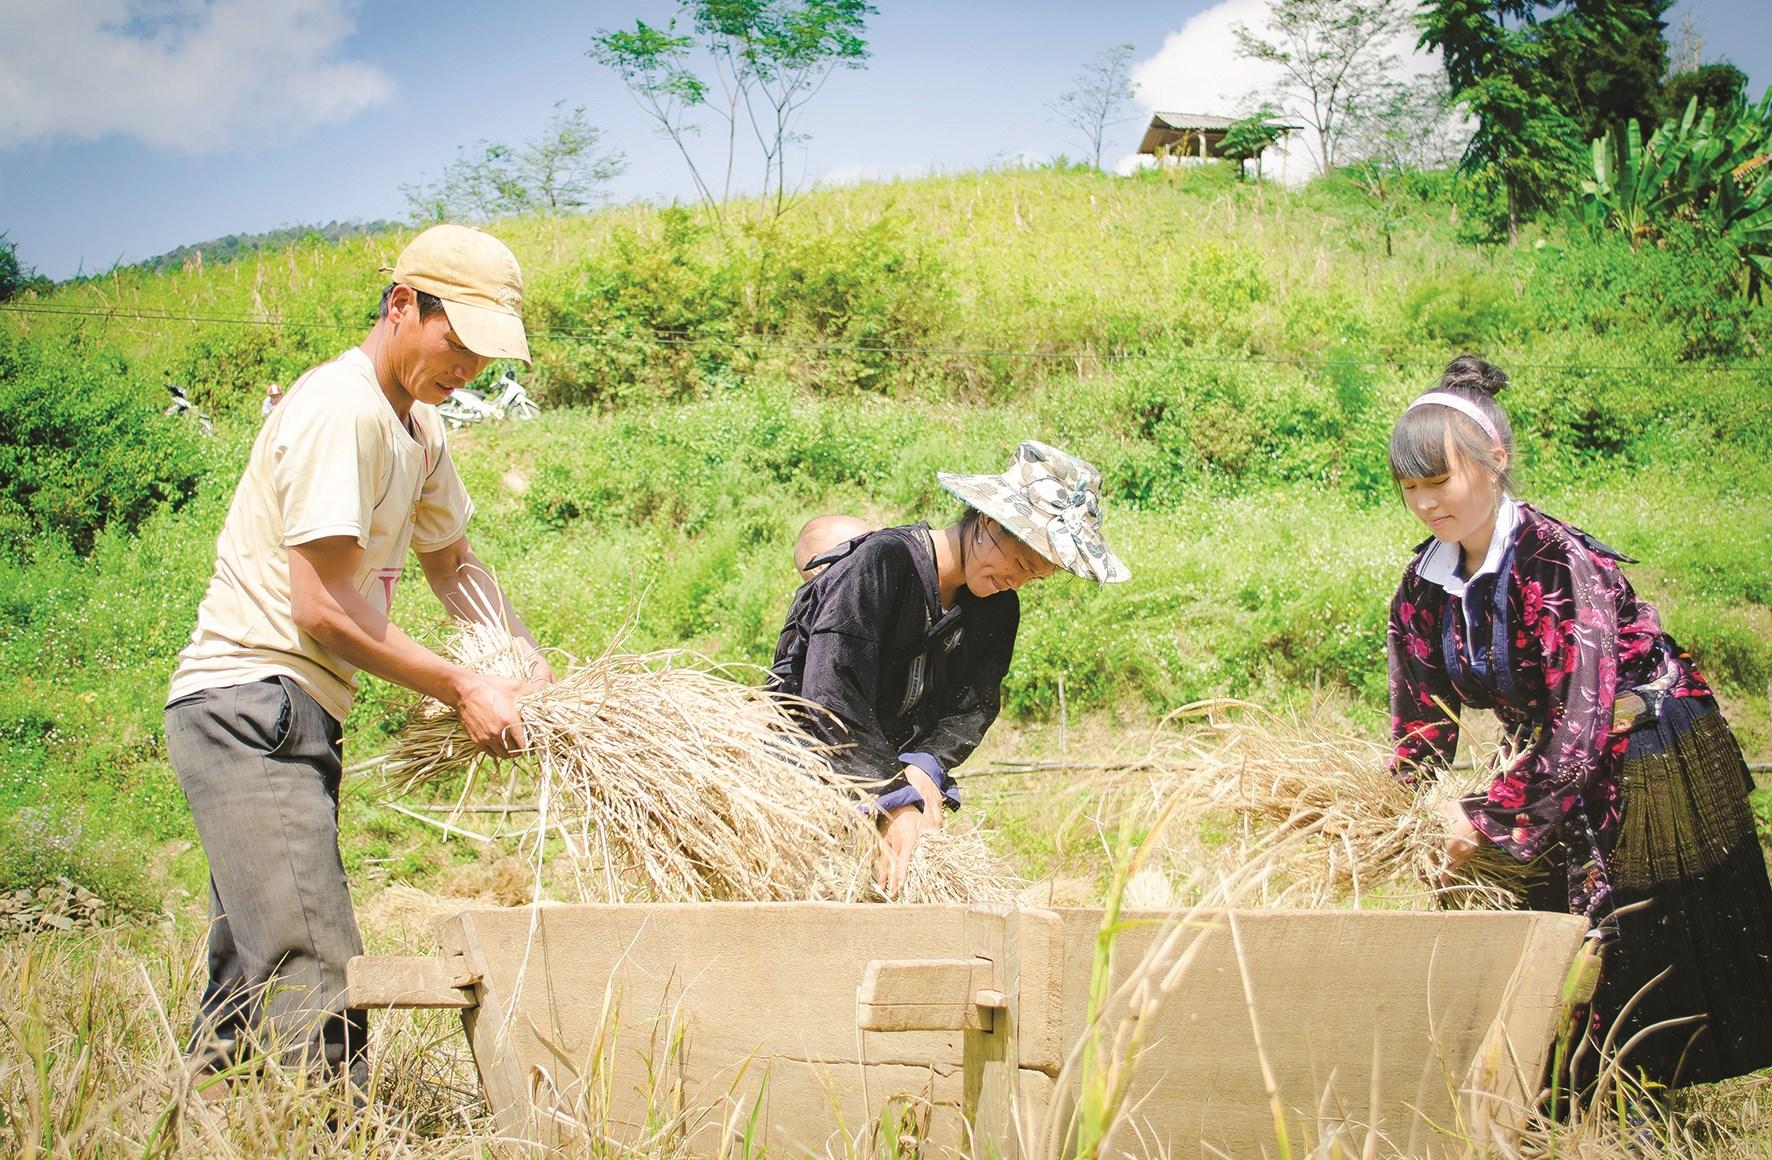 Chính sách hỗ trợ tiền khai hoang, phục hóa ruộng bậc thang đã giúp gia đình ông Thào Phá Sình, xã Phì Nhừ có thêm 200m2 ruộng canh tác